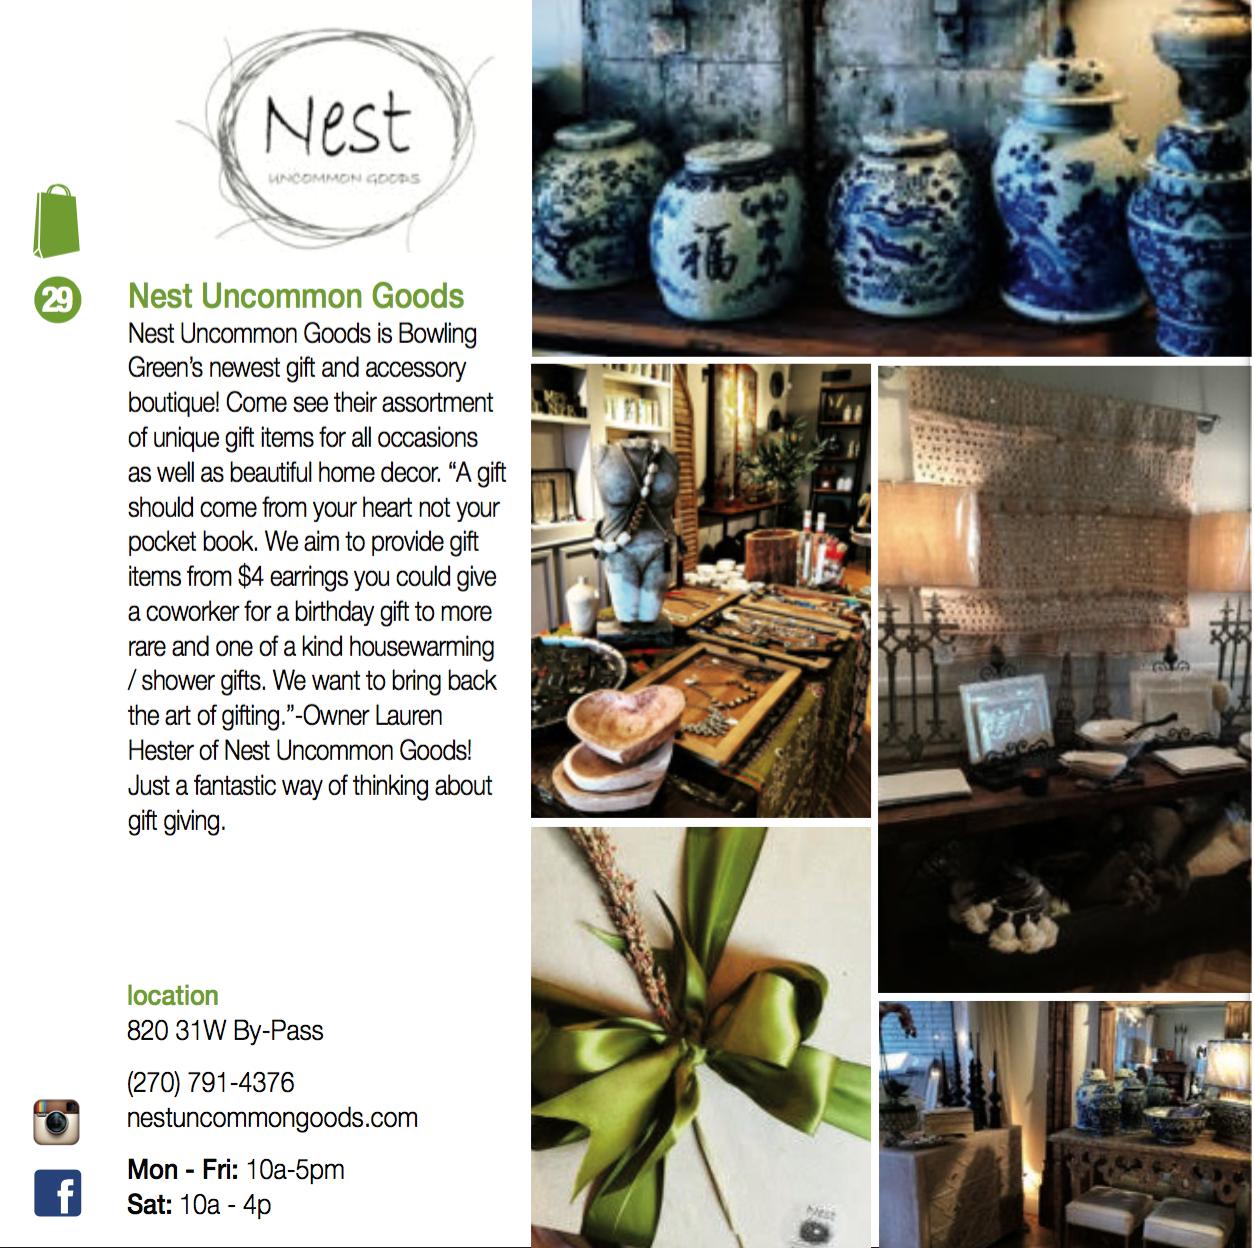 Nest Uncommon Goods